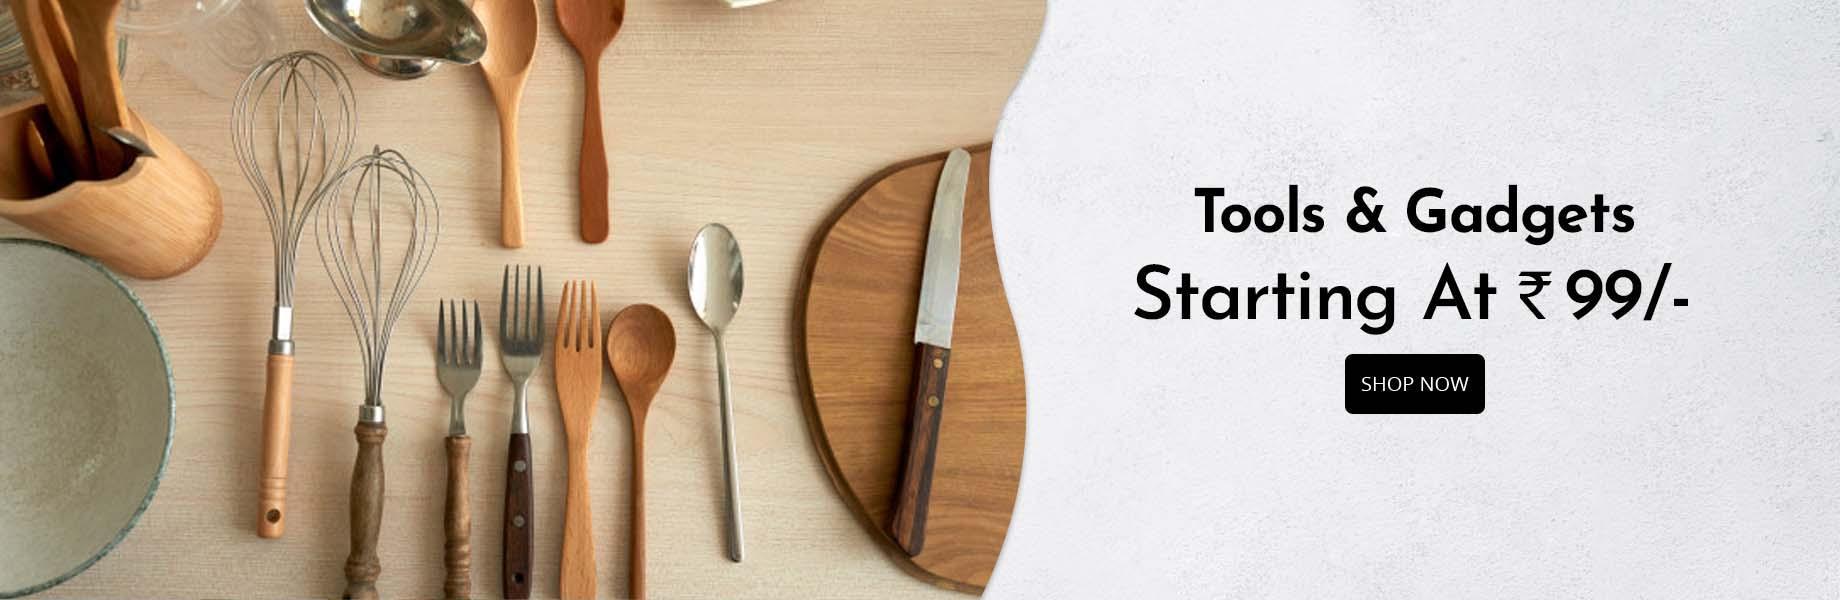 Static Tools & Gadgets